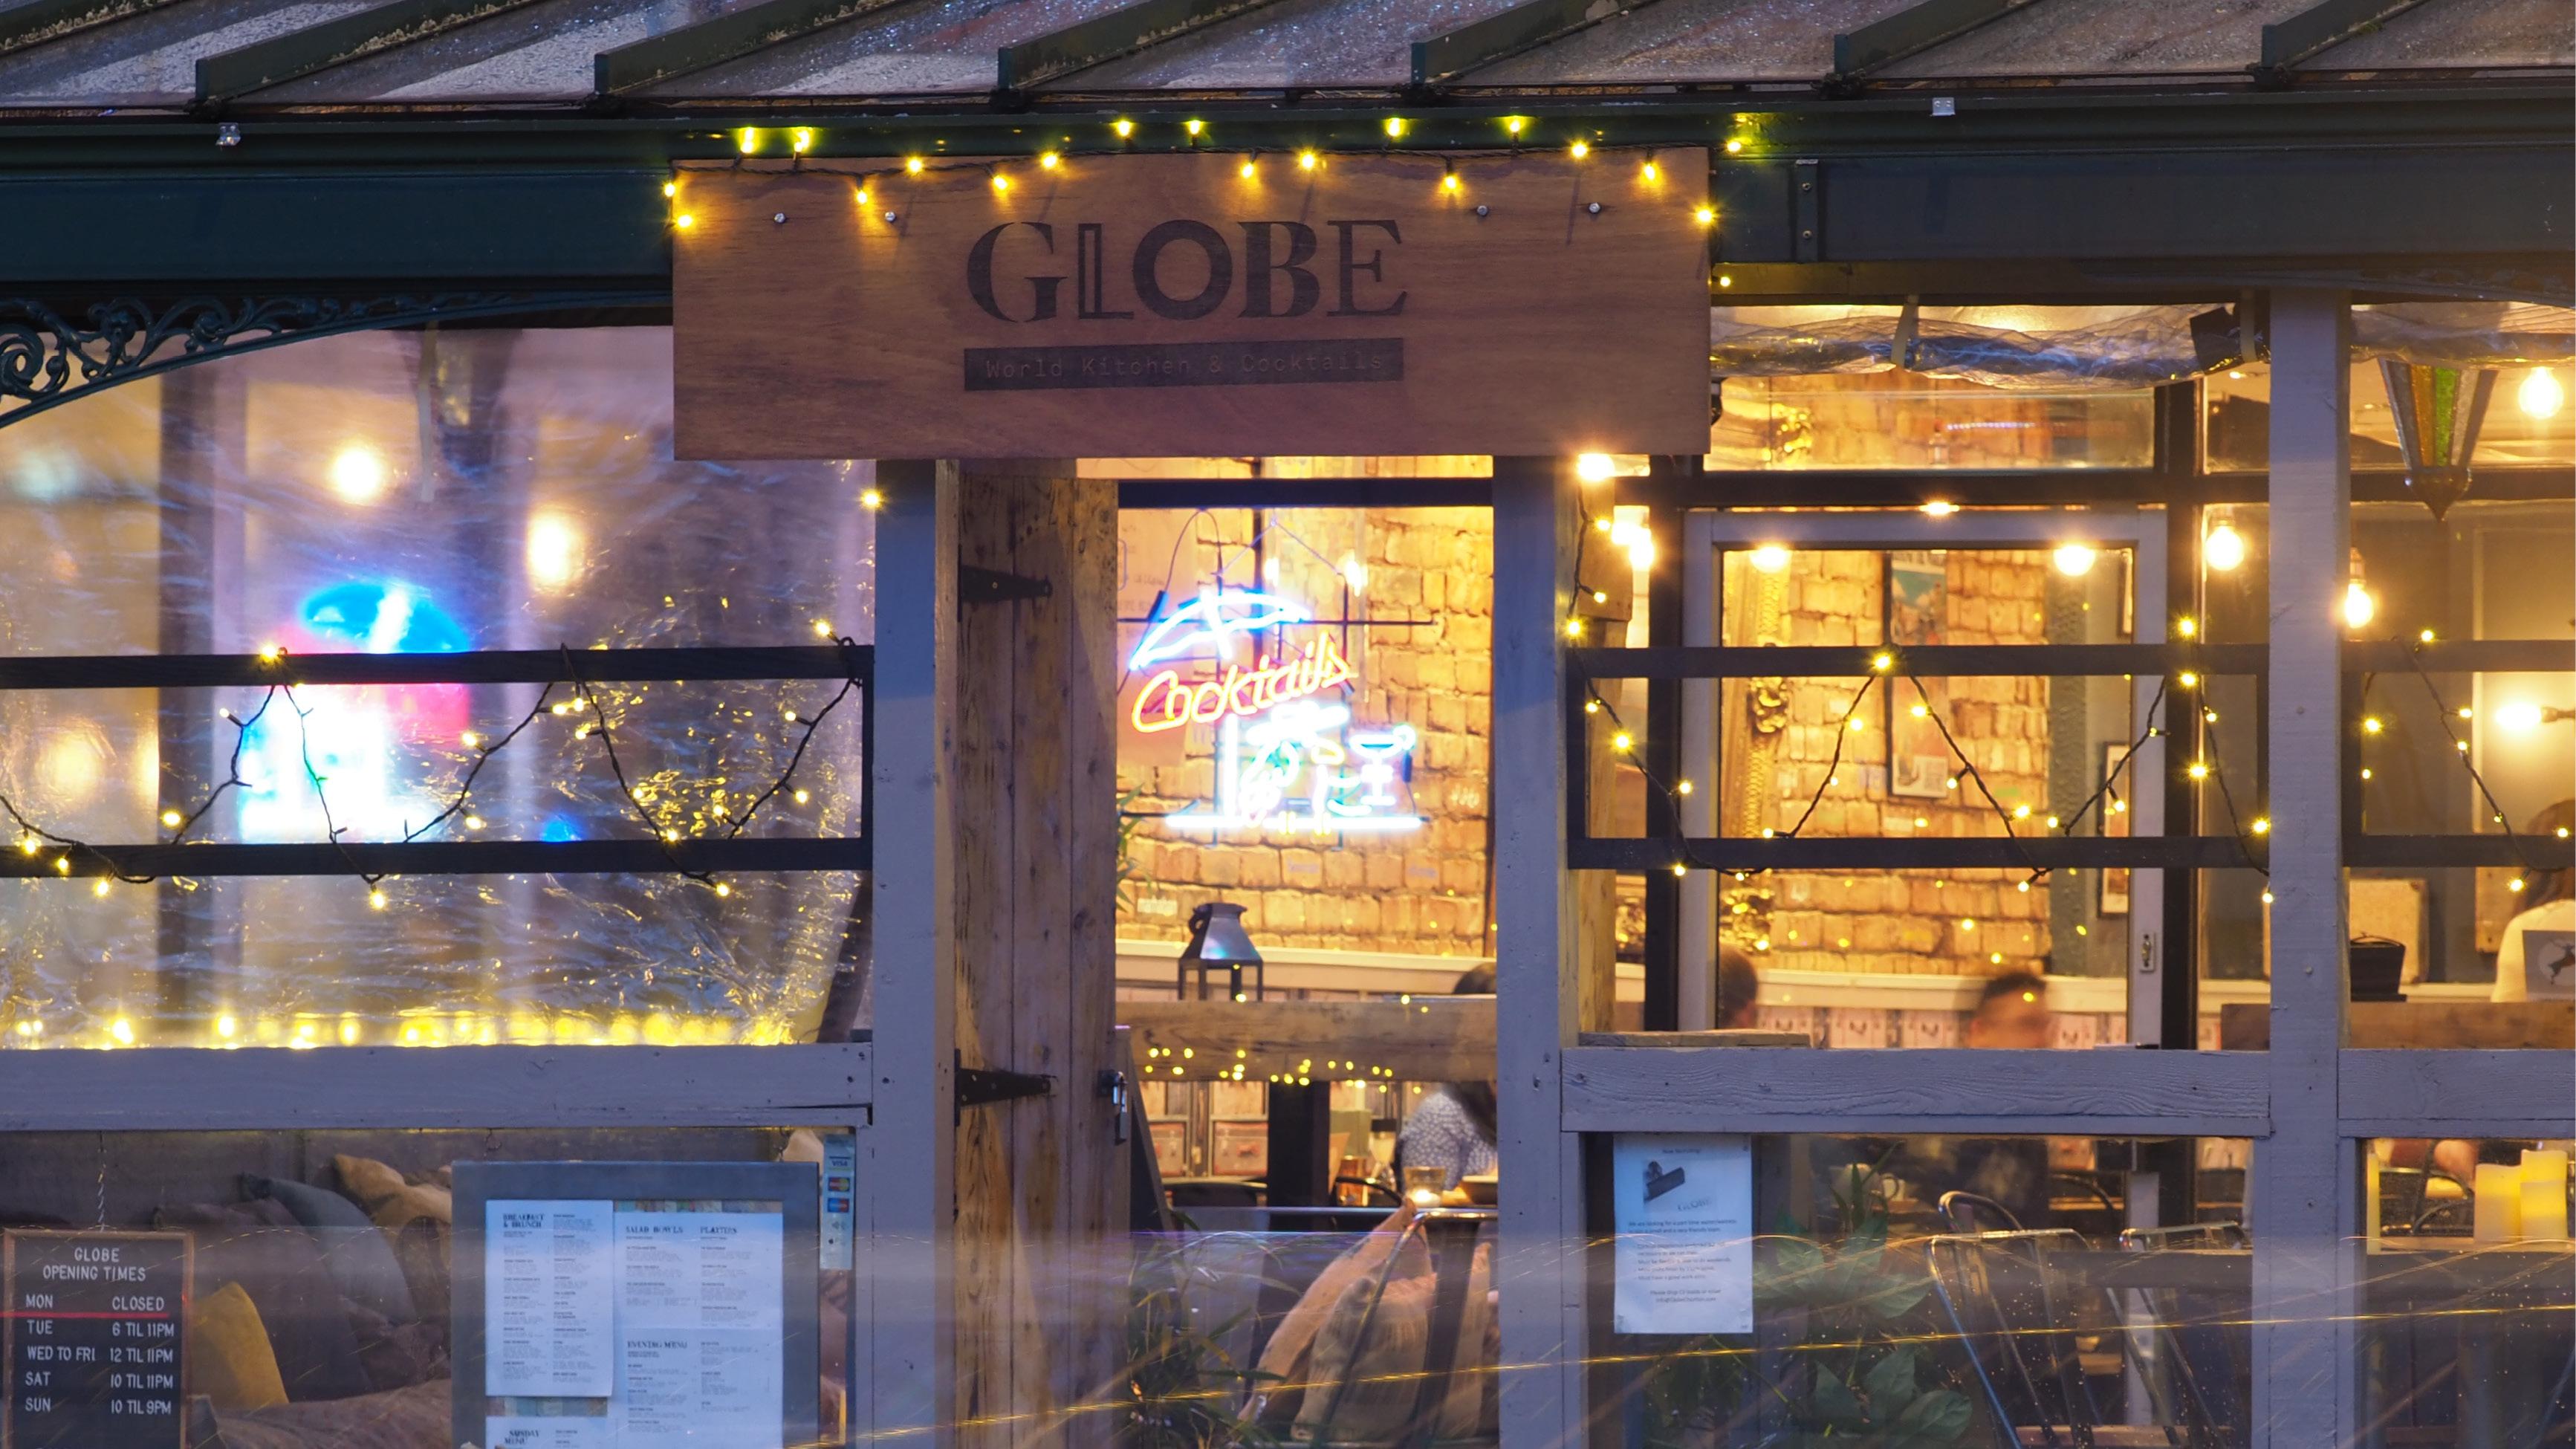 Globe sign over restaurant doorway